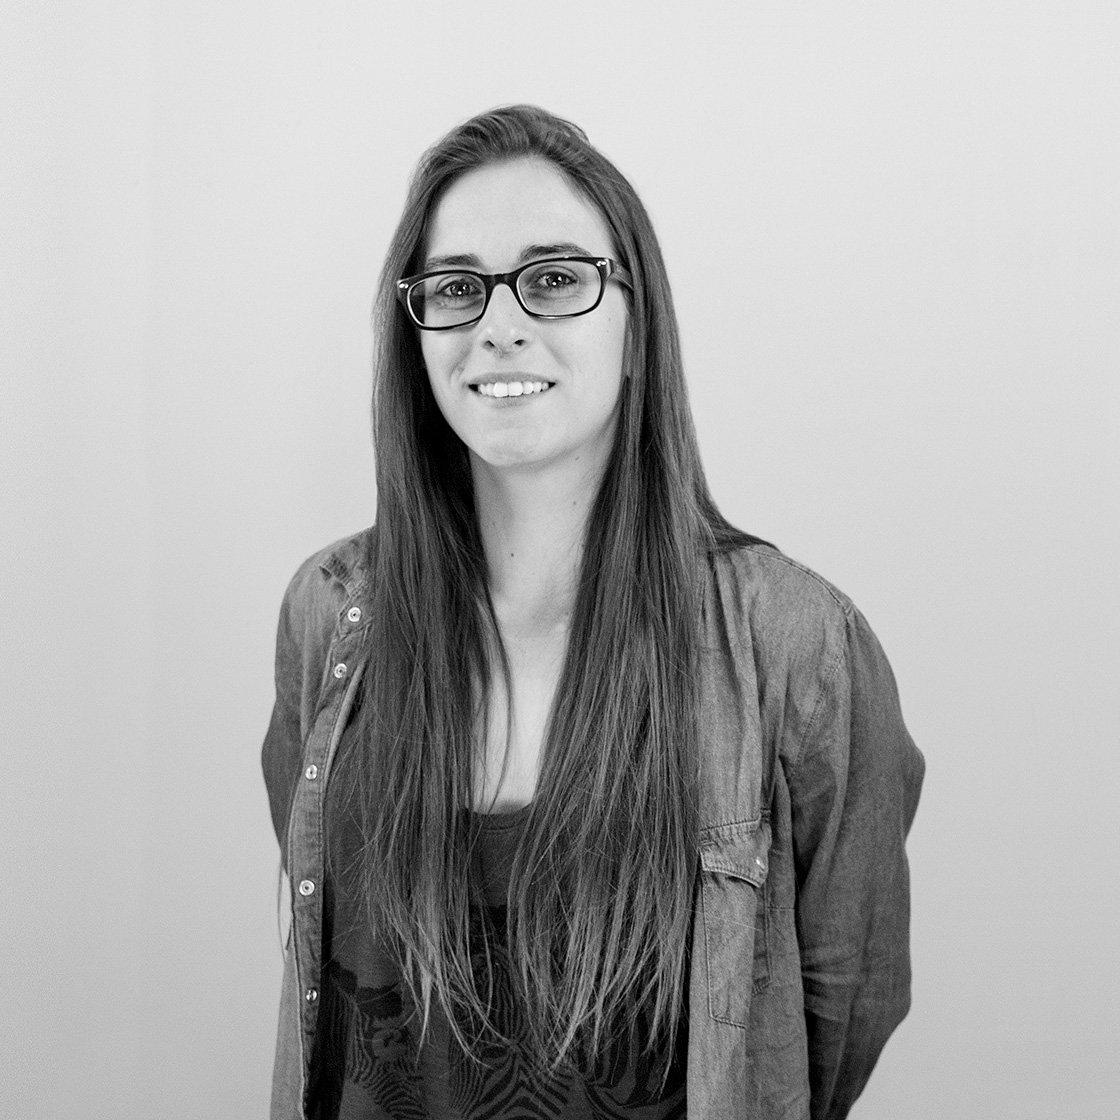 dissenyadora gràfica i dissenyadora de pàgines